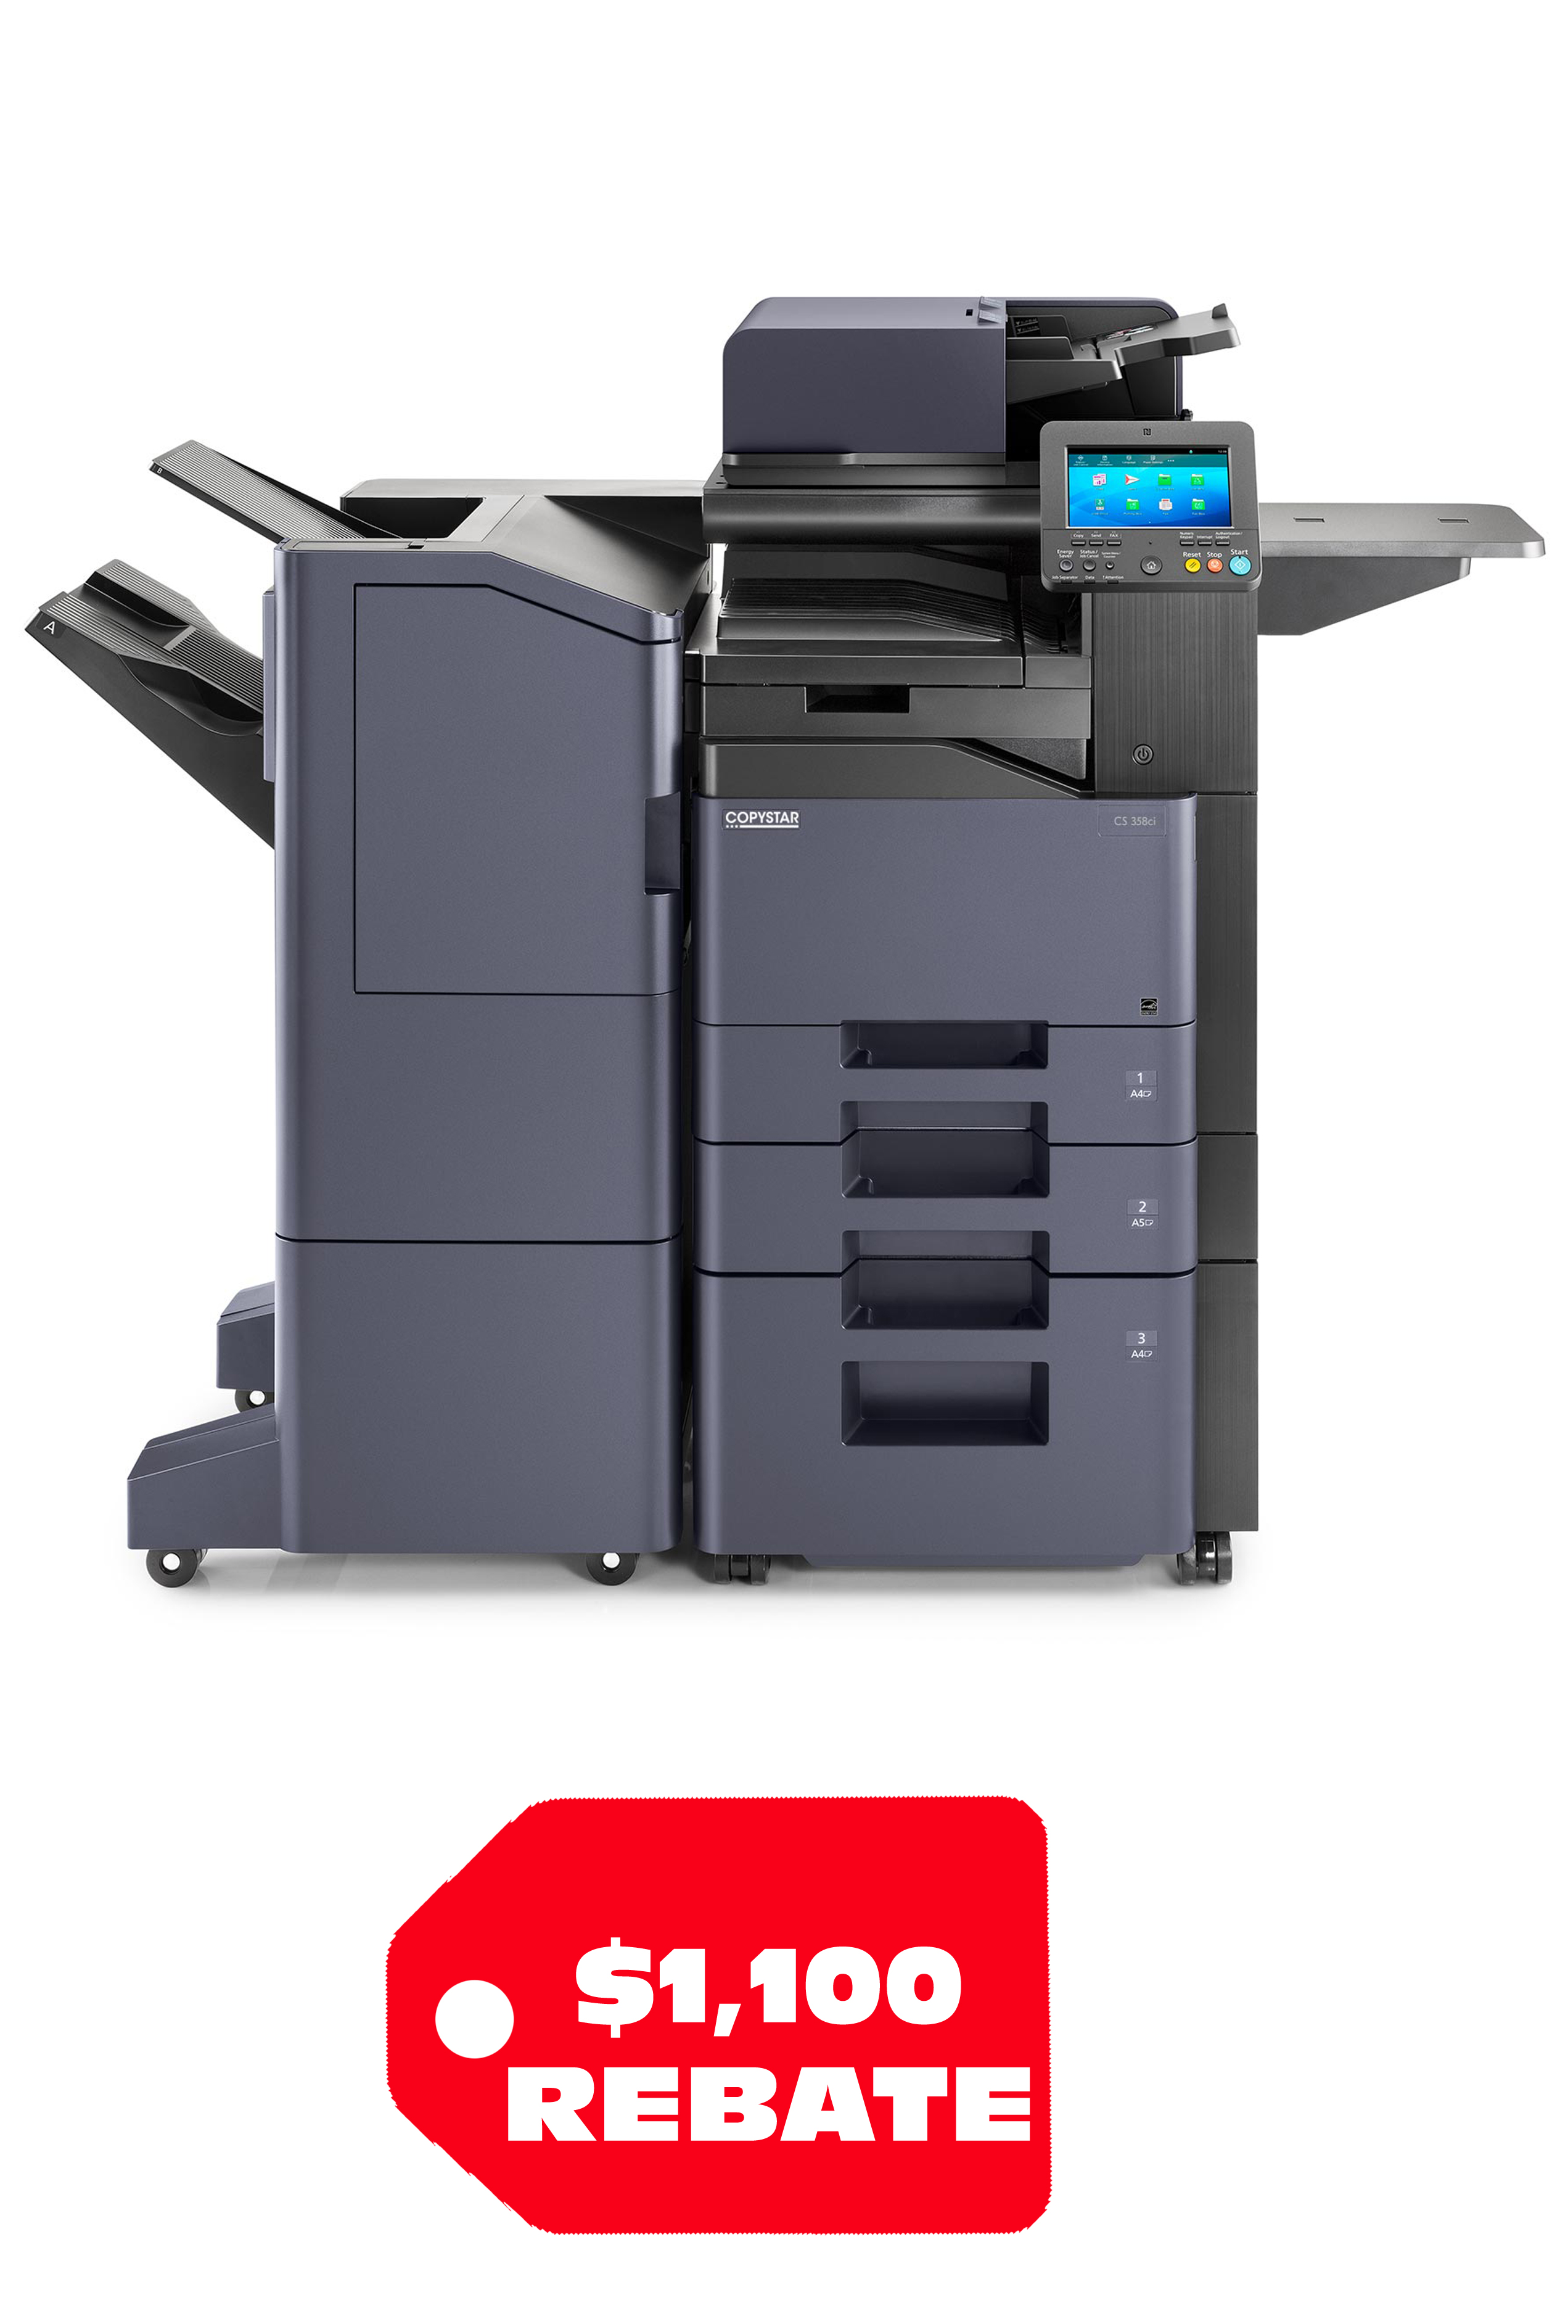 Copystar CS 358ci 37 PPM A4 Color MFP